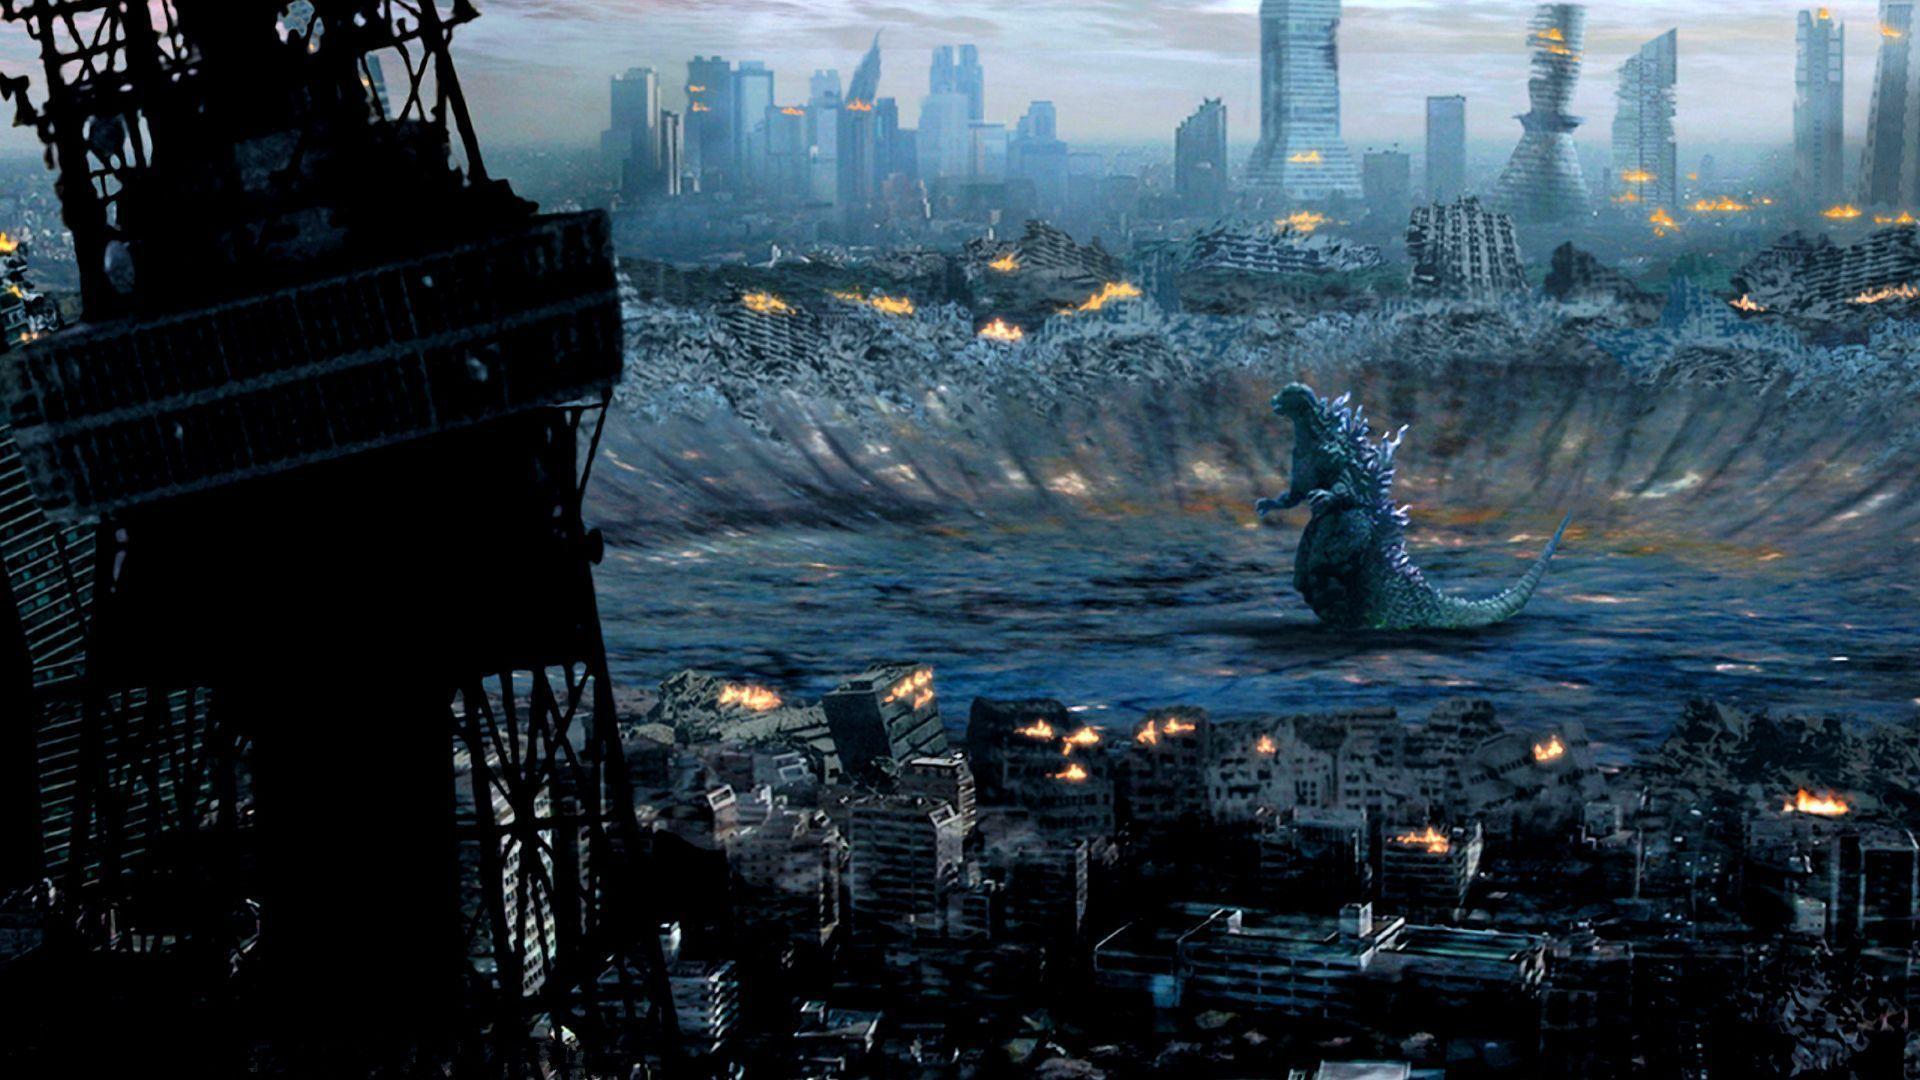 1920x1080 Godzilla 2014 Hình nền, PT338 4K Ultra HD Hình nền cho máy tính để bàn